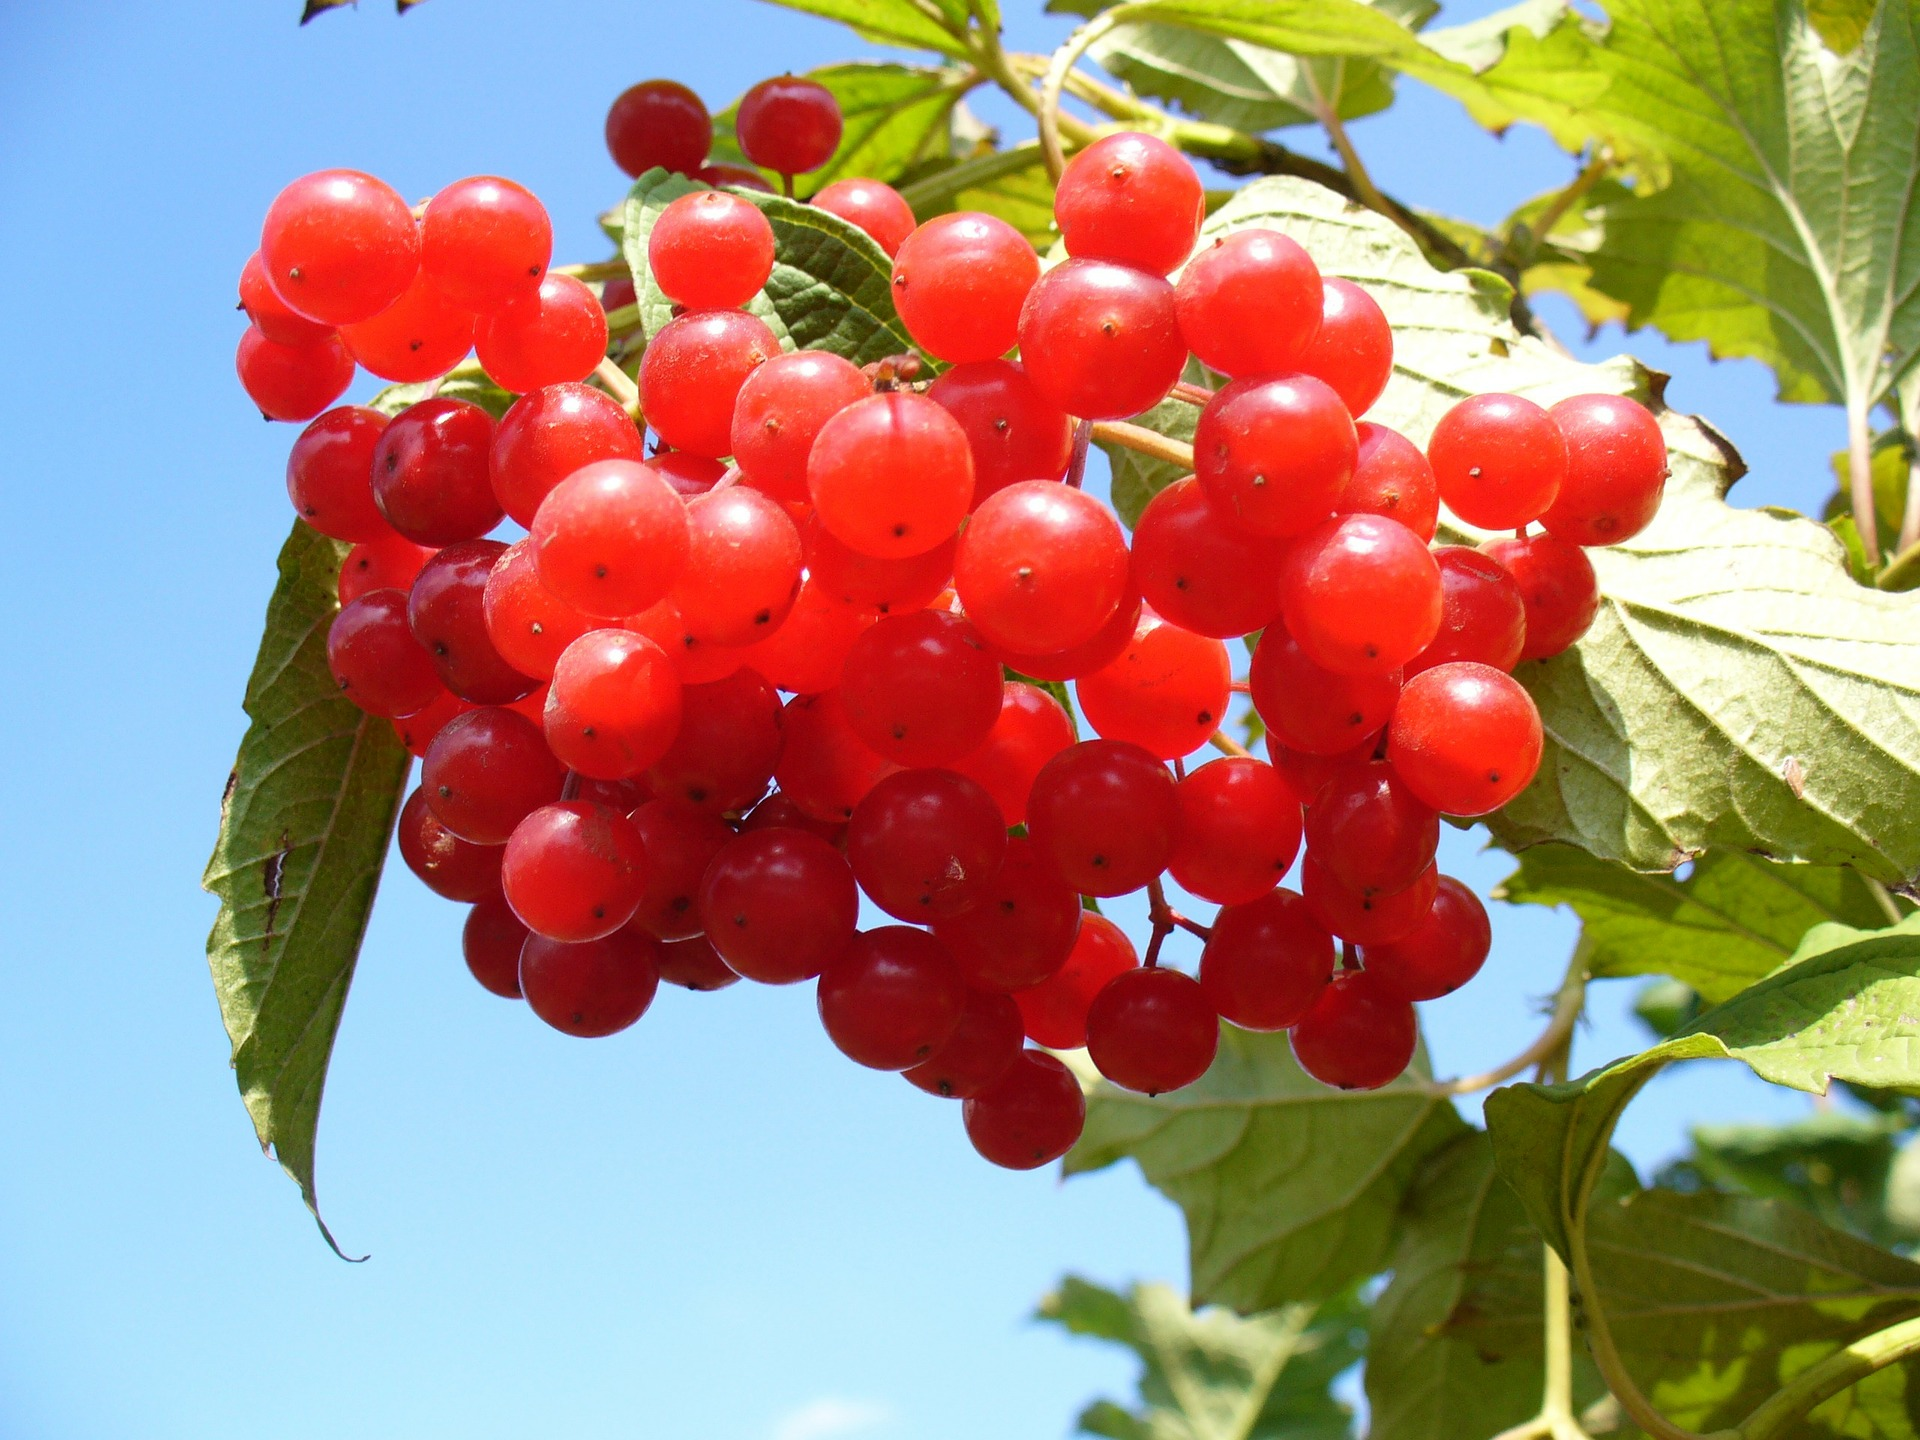 Khoảng 20% quả nam việt quất được tiêu thụ ở Mỹ mỗi năm trong ngày Lễ tạ ơn